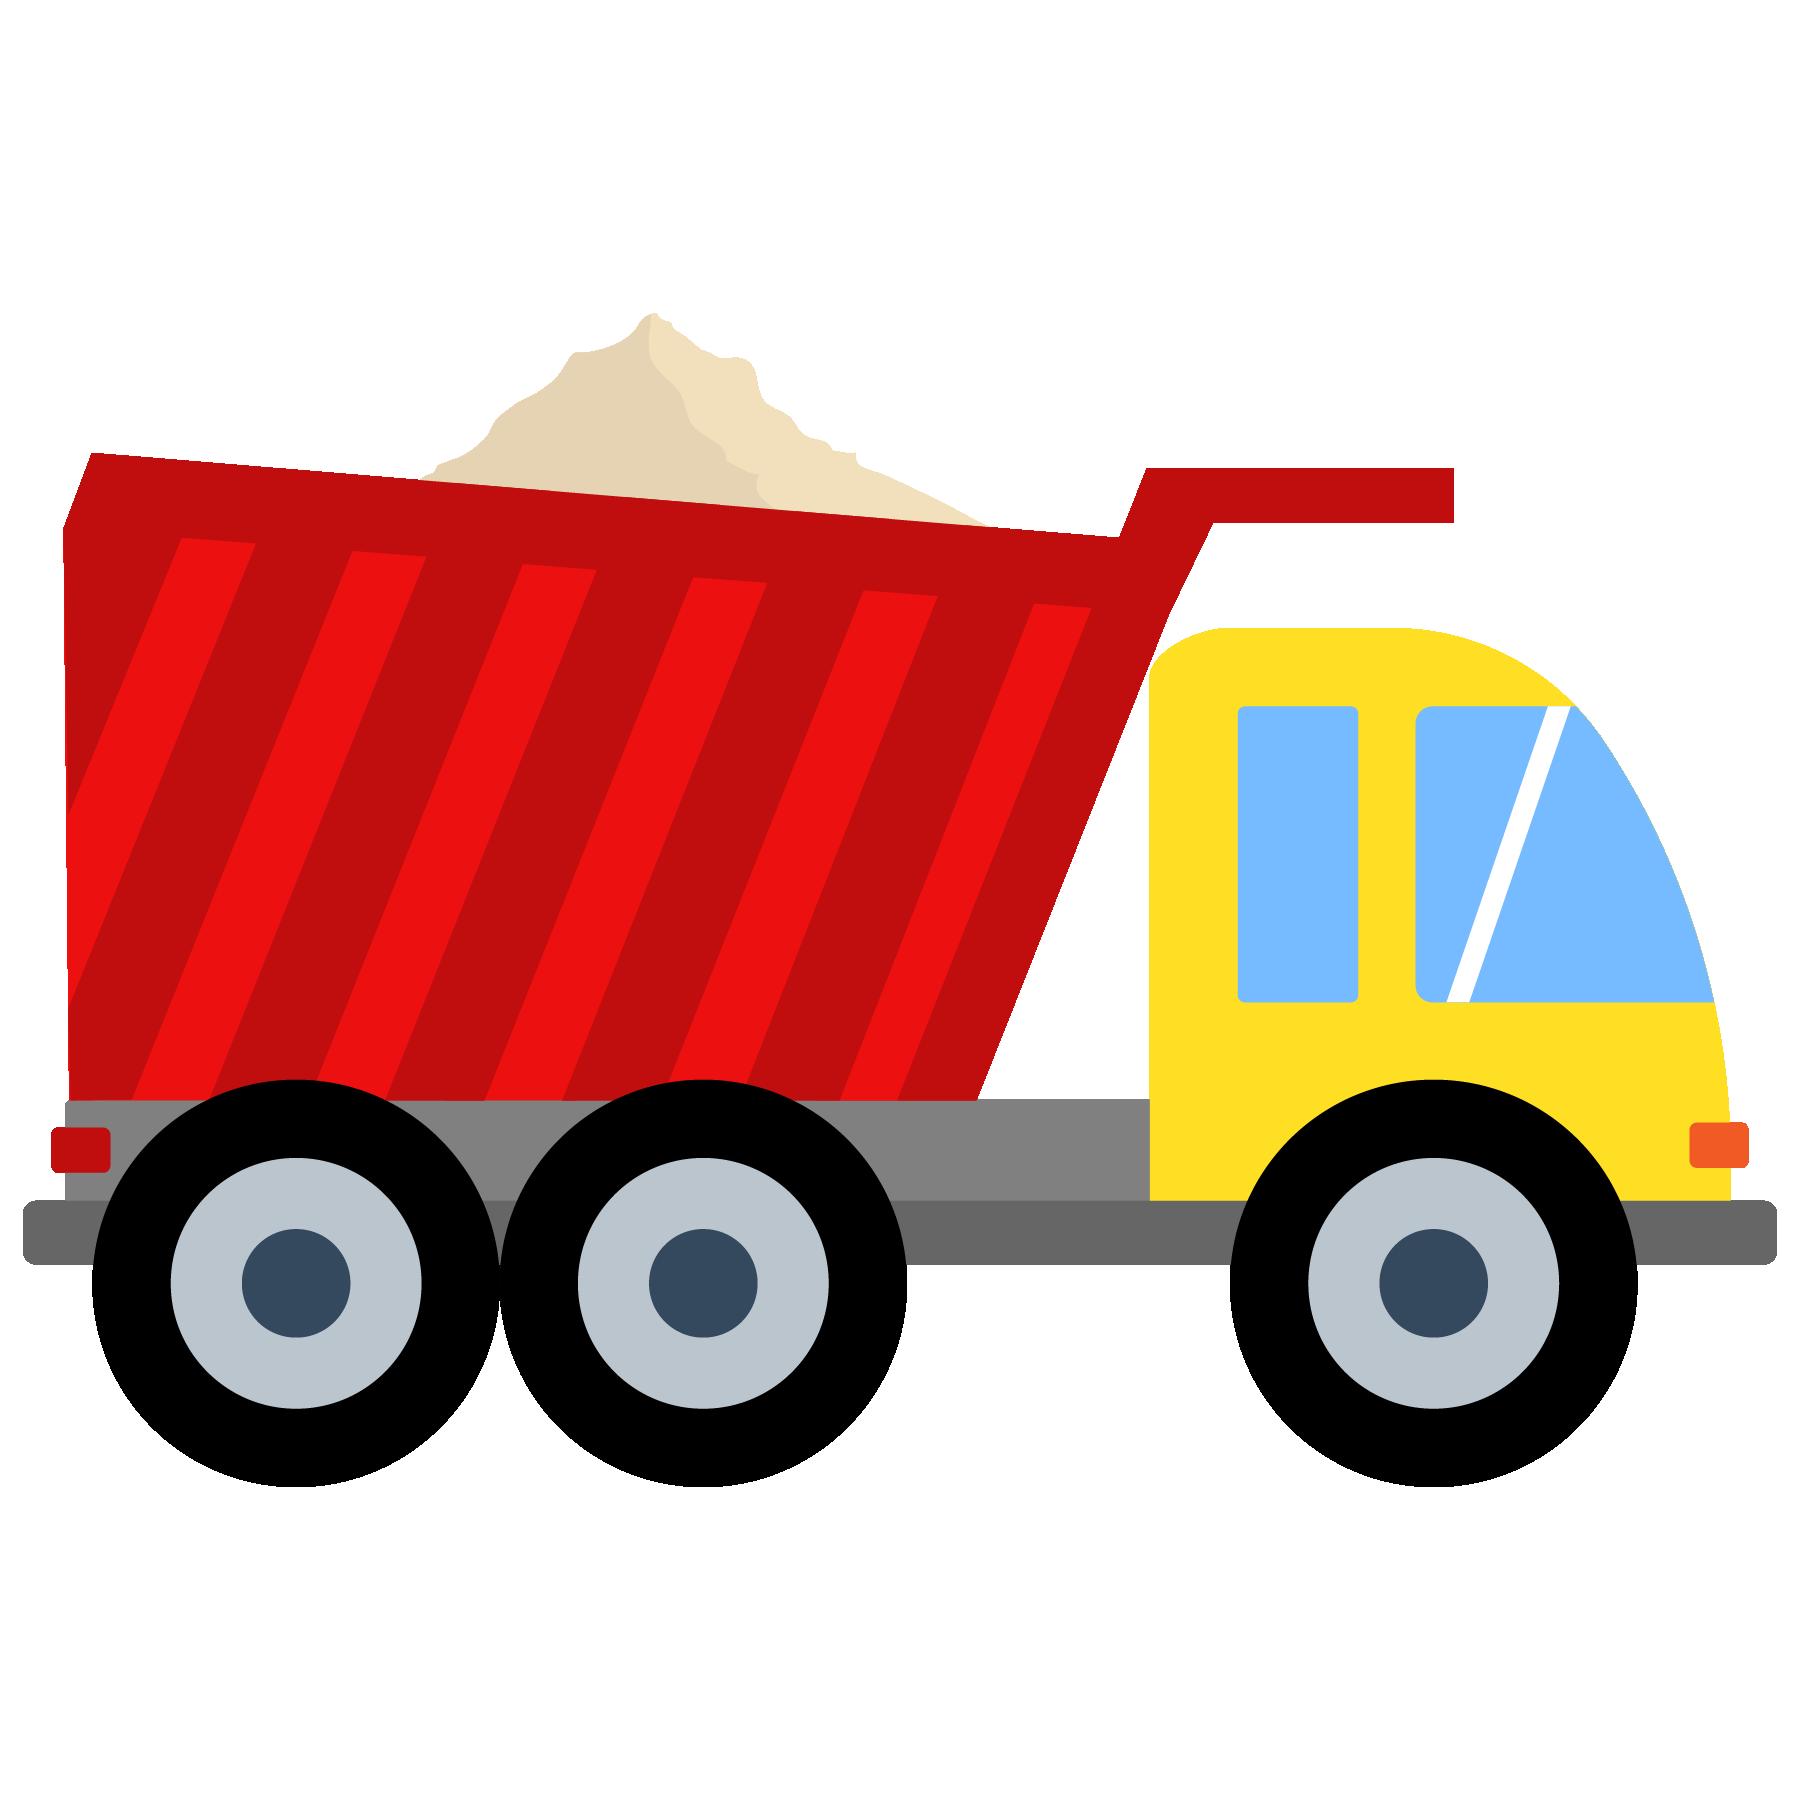 Dump Truck Clipart | Free download best Dump Truck Clipart ...